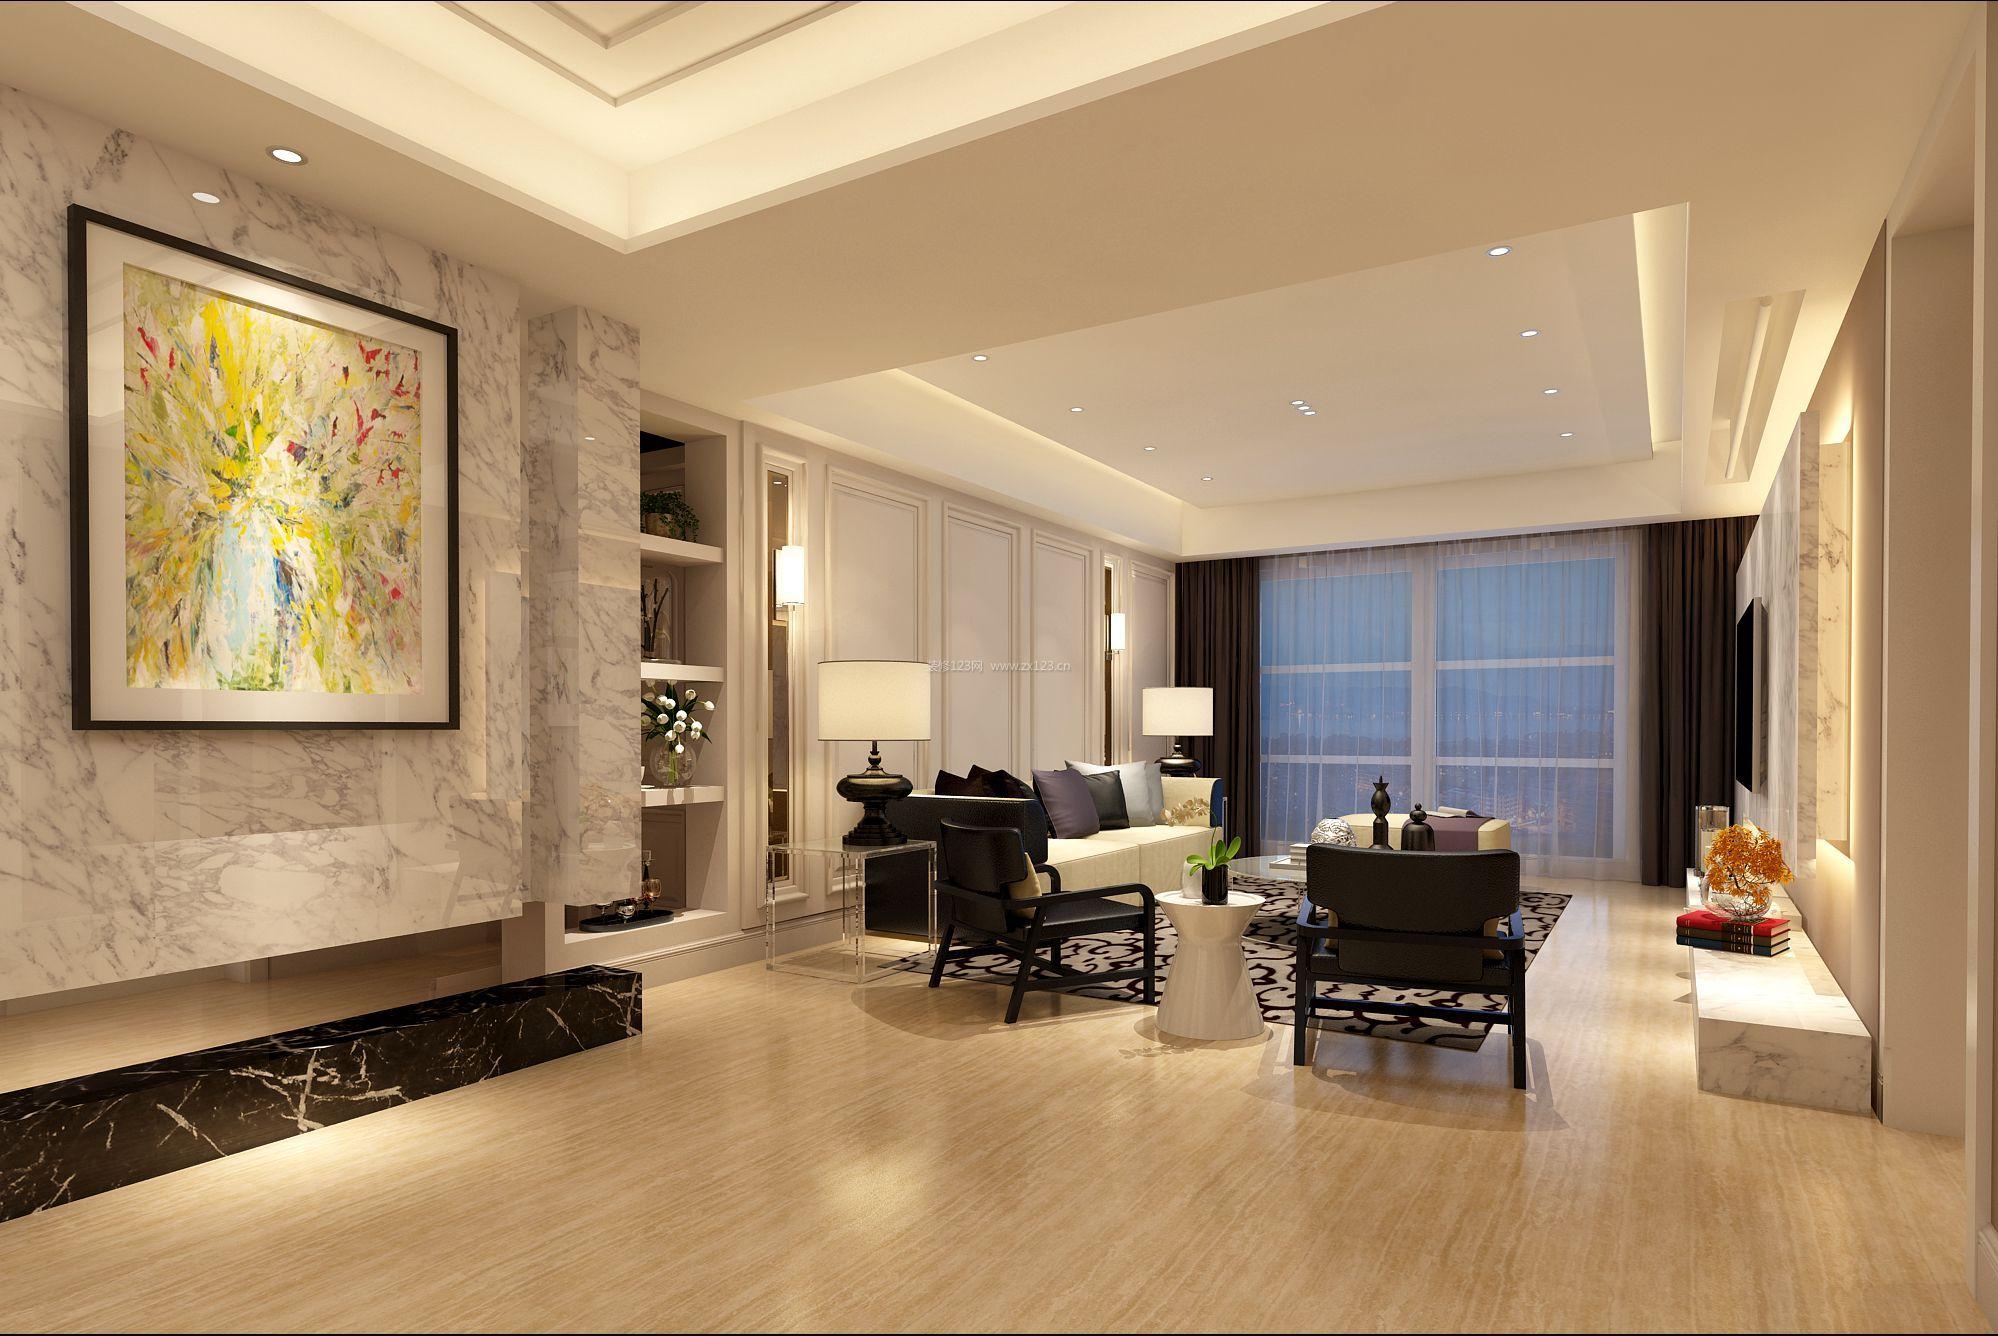 170平米房子跃层客厅简装图片_装修123效果图